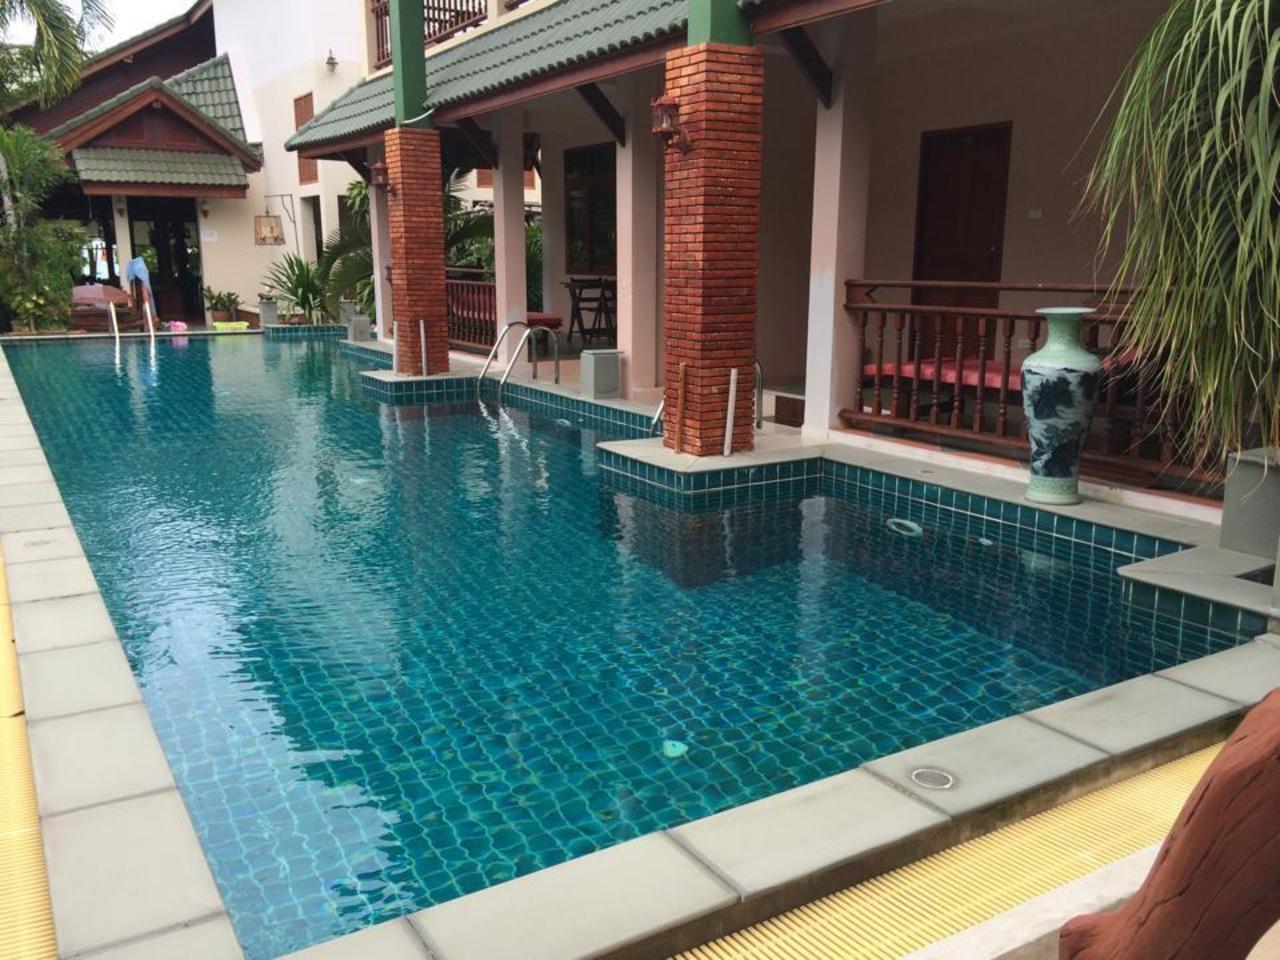 หาดยาว รีสอร์ท (Haad Yao Resort)